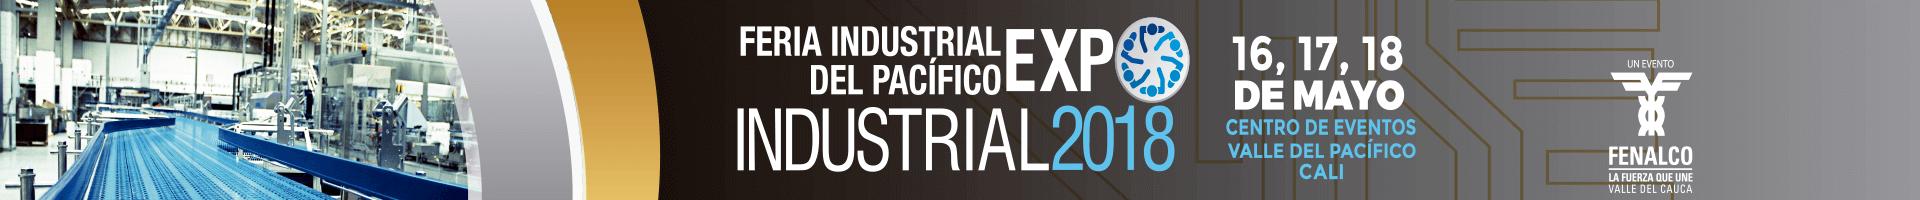 Expoindustrial 2018 - Feria Industrial del Pacífico